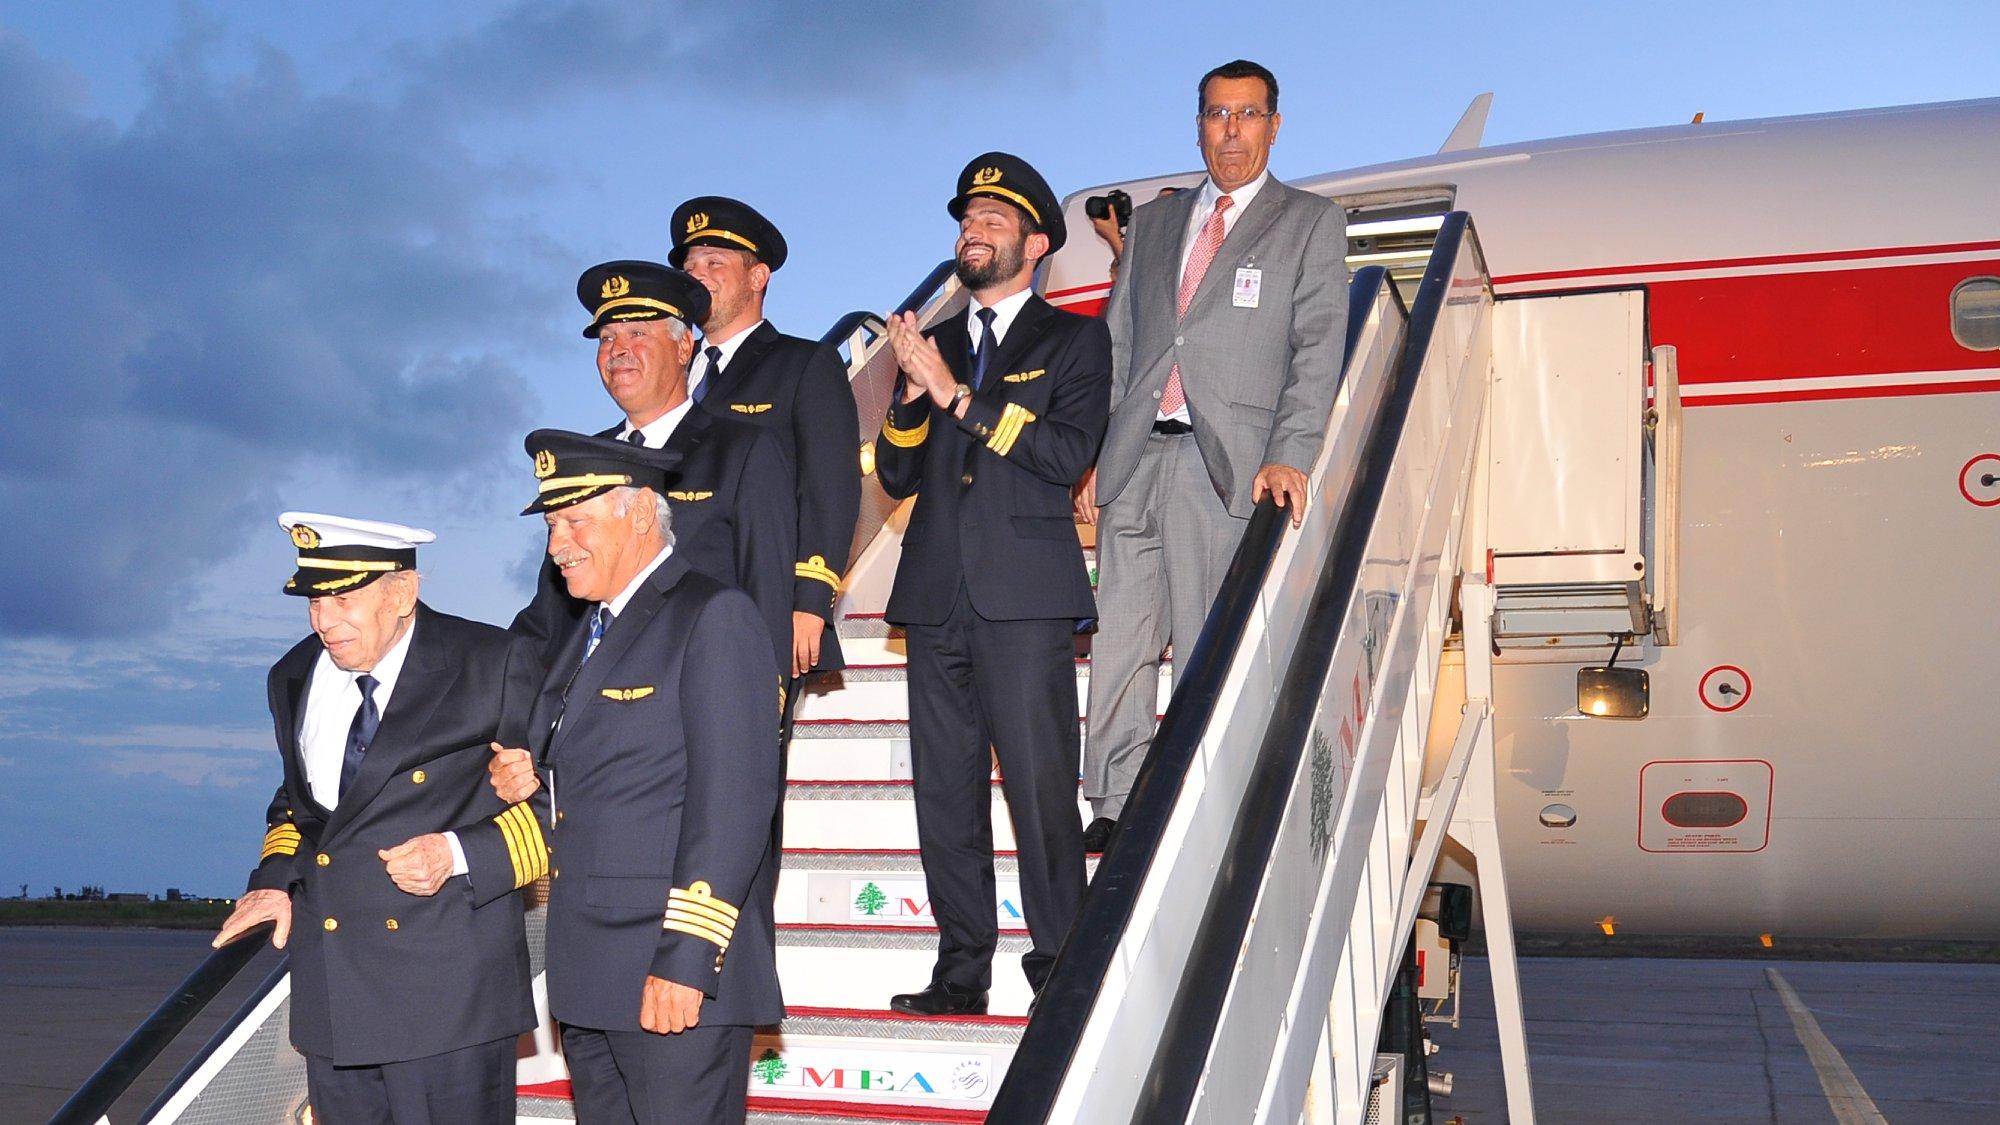 """شركة طيران الشرق الأوسط نعت أحد كبار قدامى موظفيها وأول قائد طائرة مدني لبناني """"سعد الدين أحمد دبوس"""""""